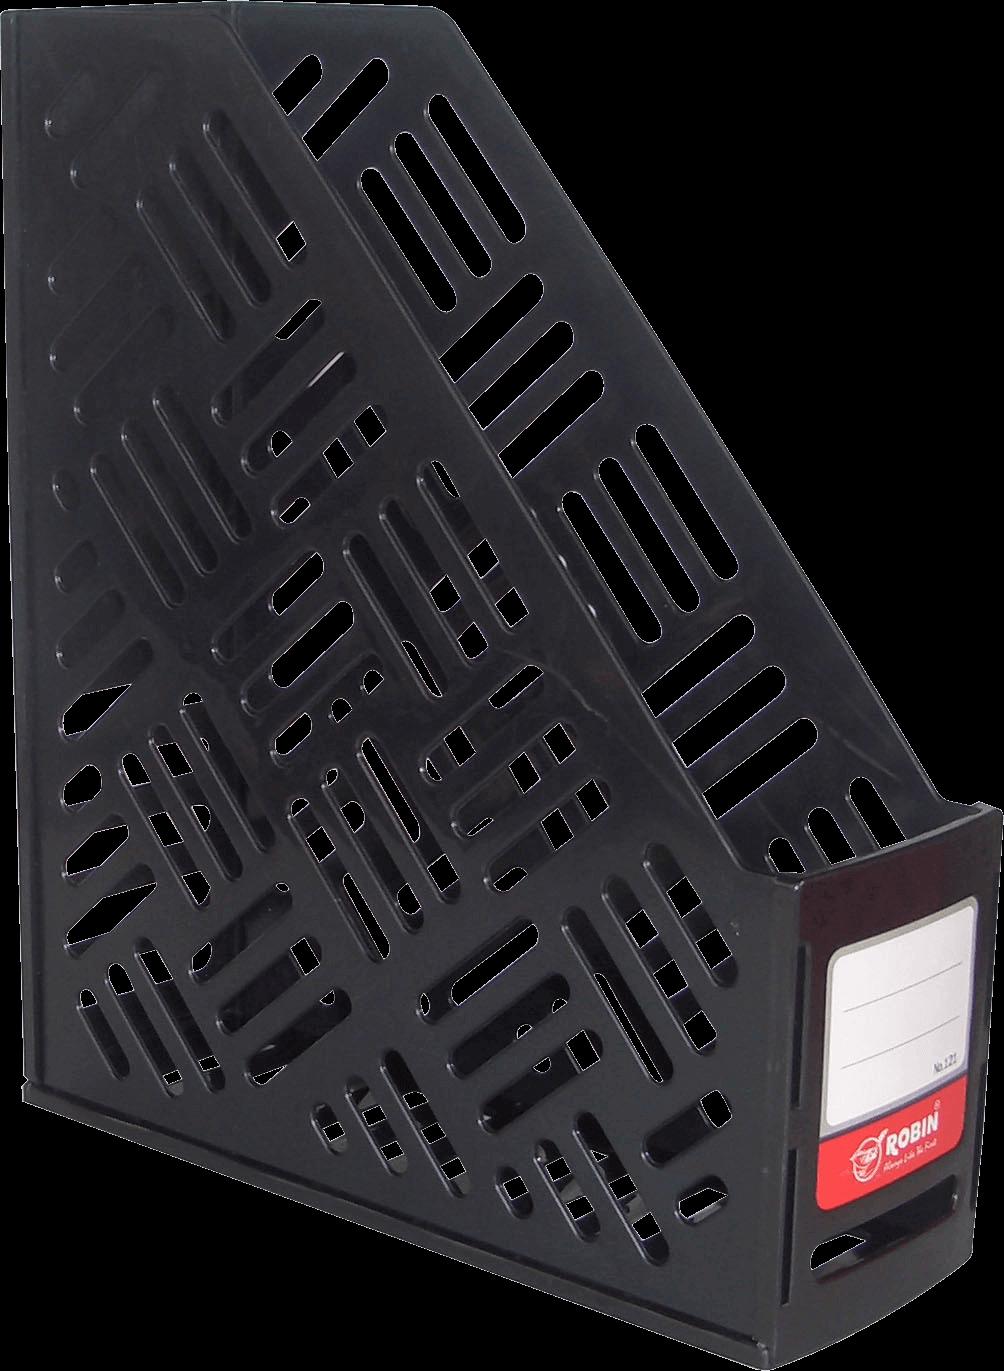 กล่องใส่เอกสารพลาสติก 1 ช่อง Robin 121 สีดำ